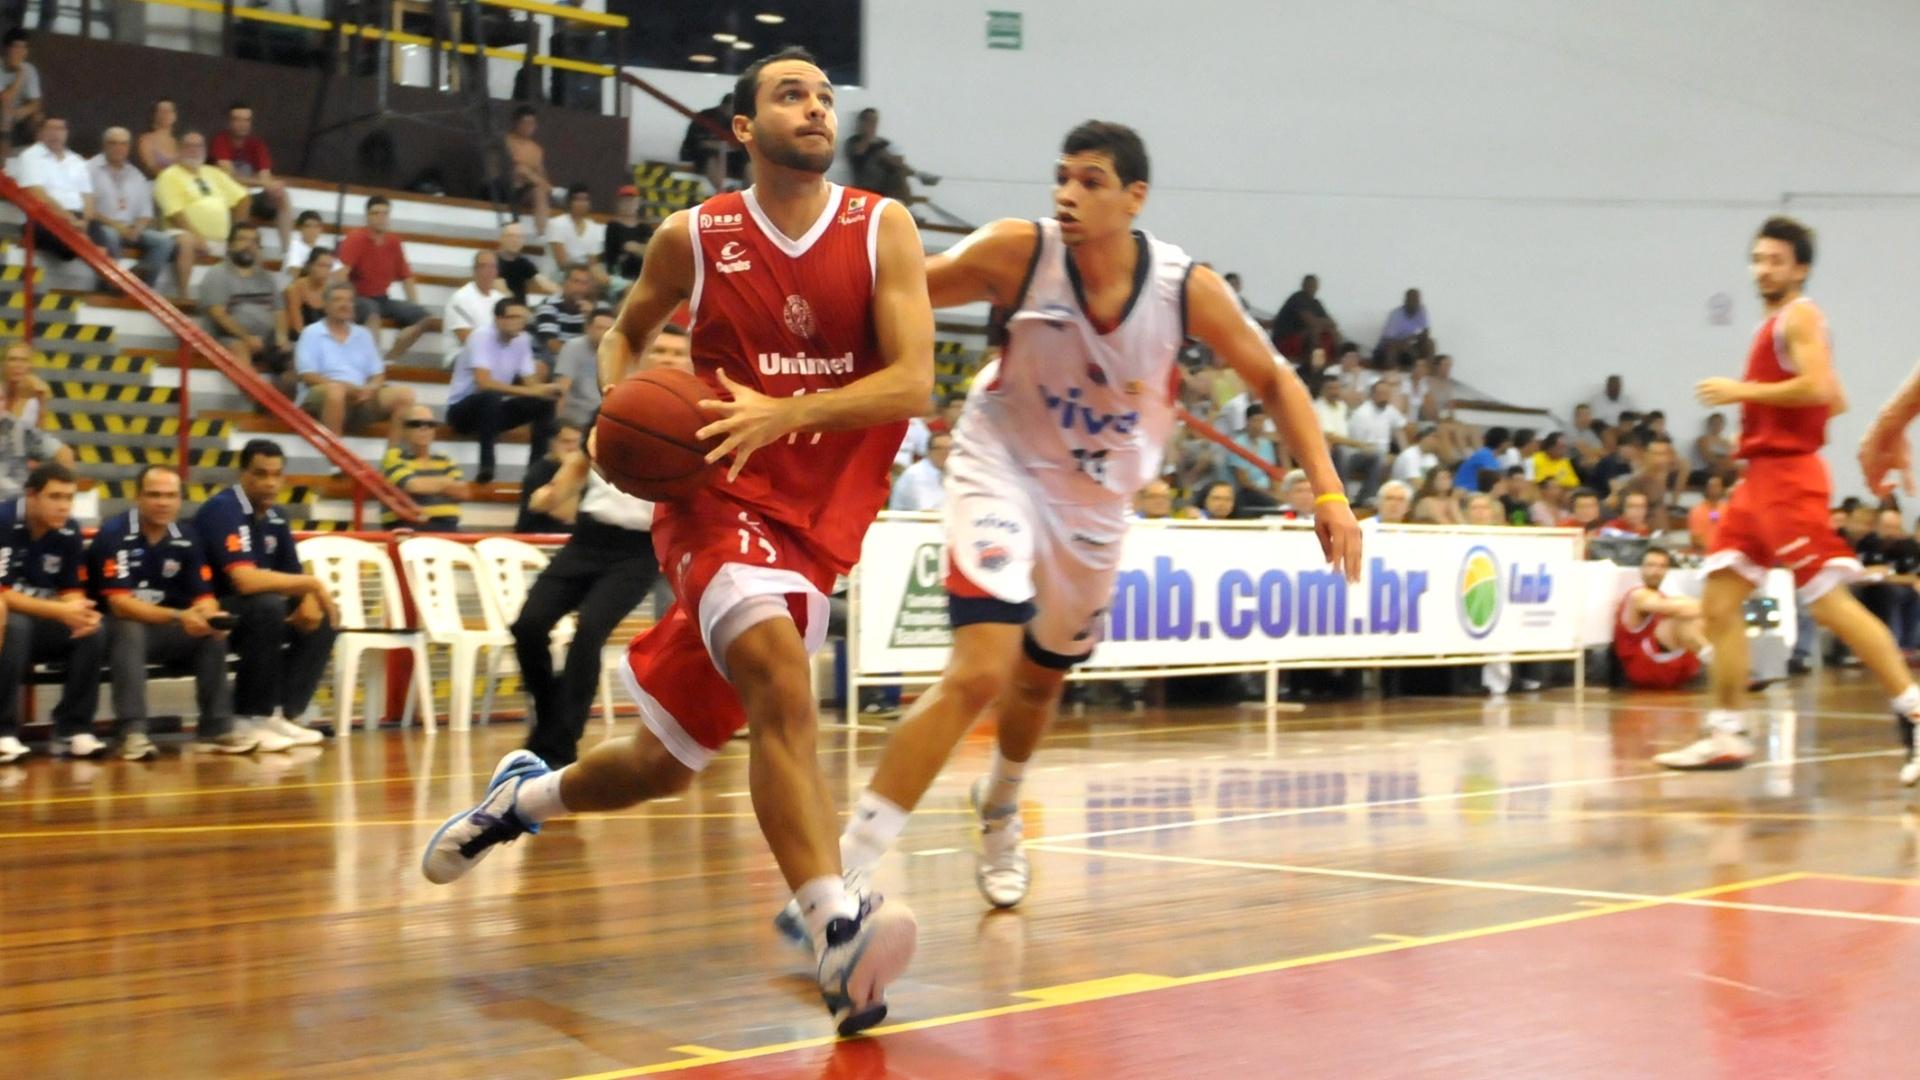 05.jan.2012 - Pedro, do Paulistano, encara a marcação de Leo Meindl, do Franca, durante jogo do NBB